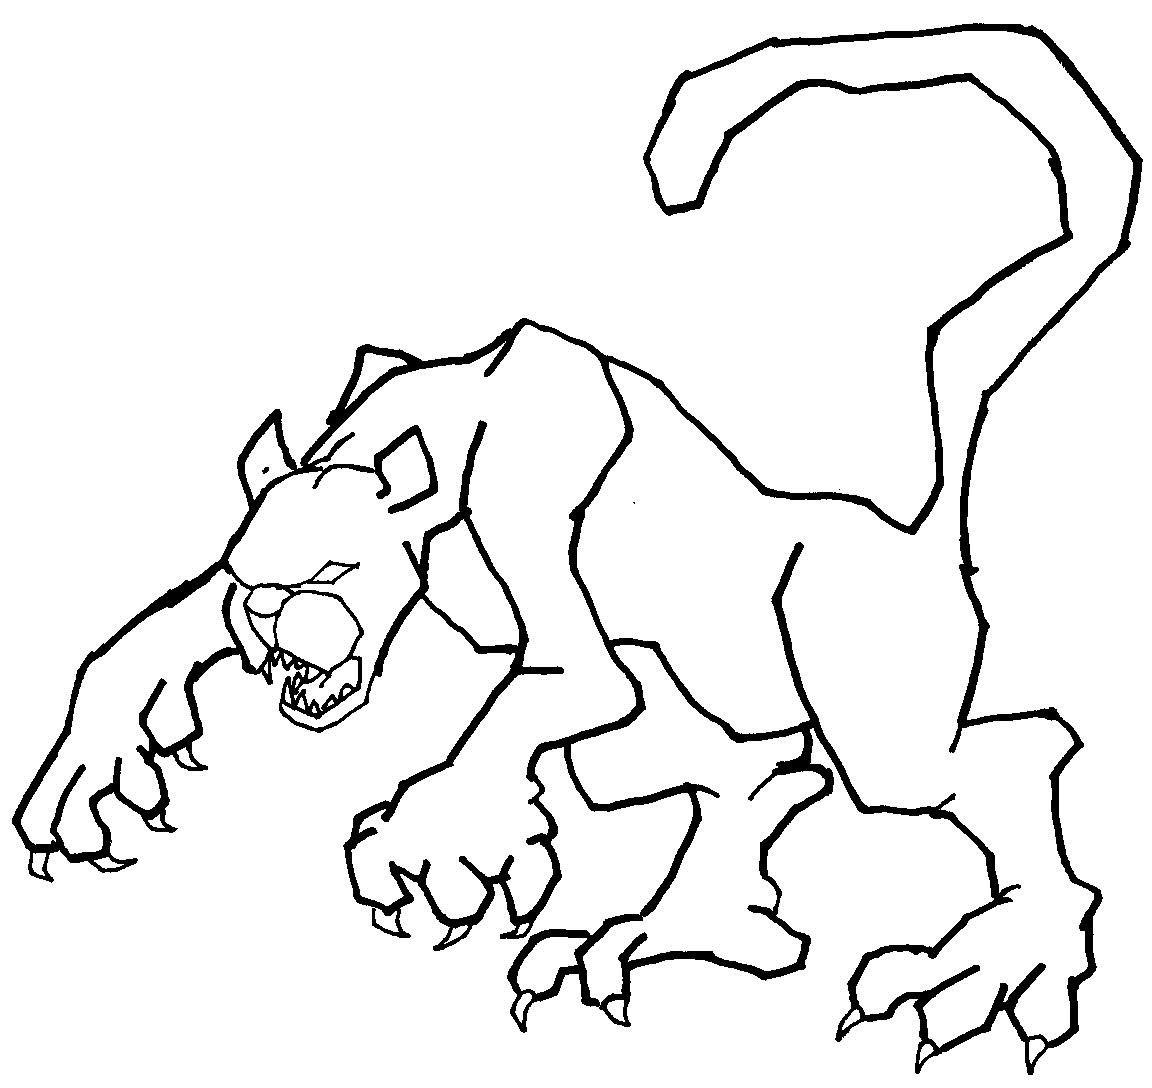 Dessin de cougar